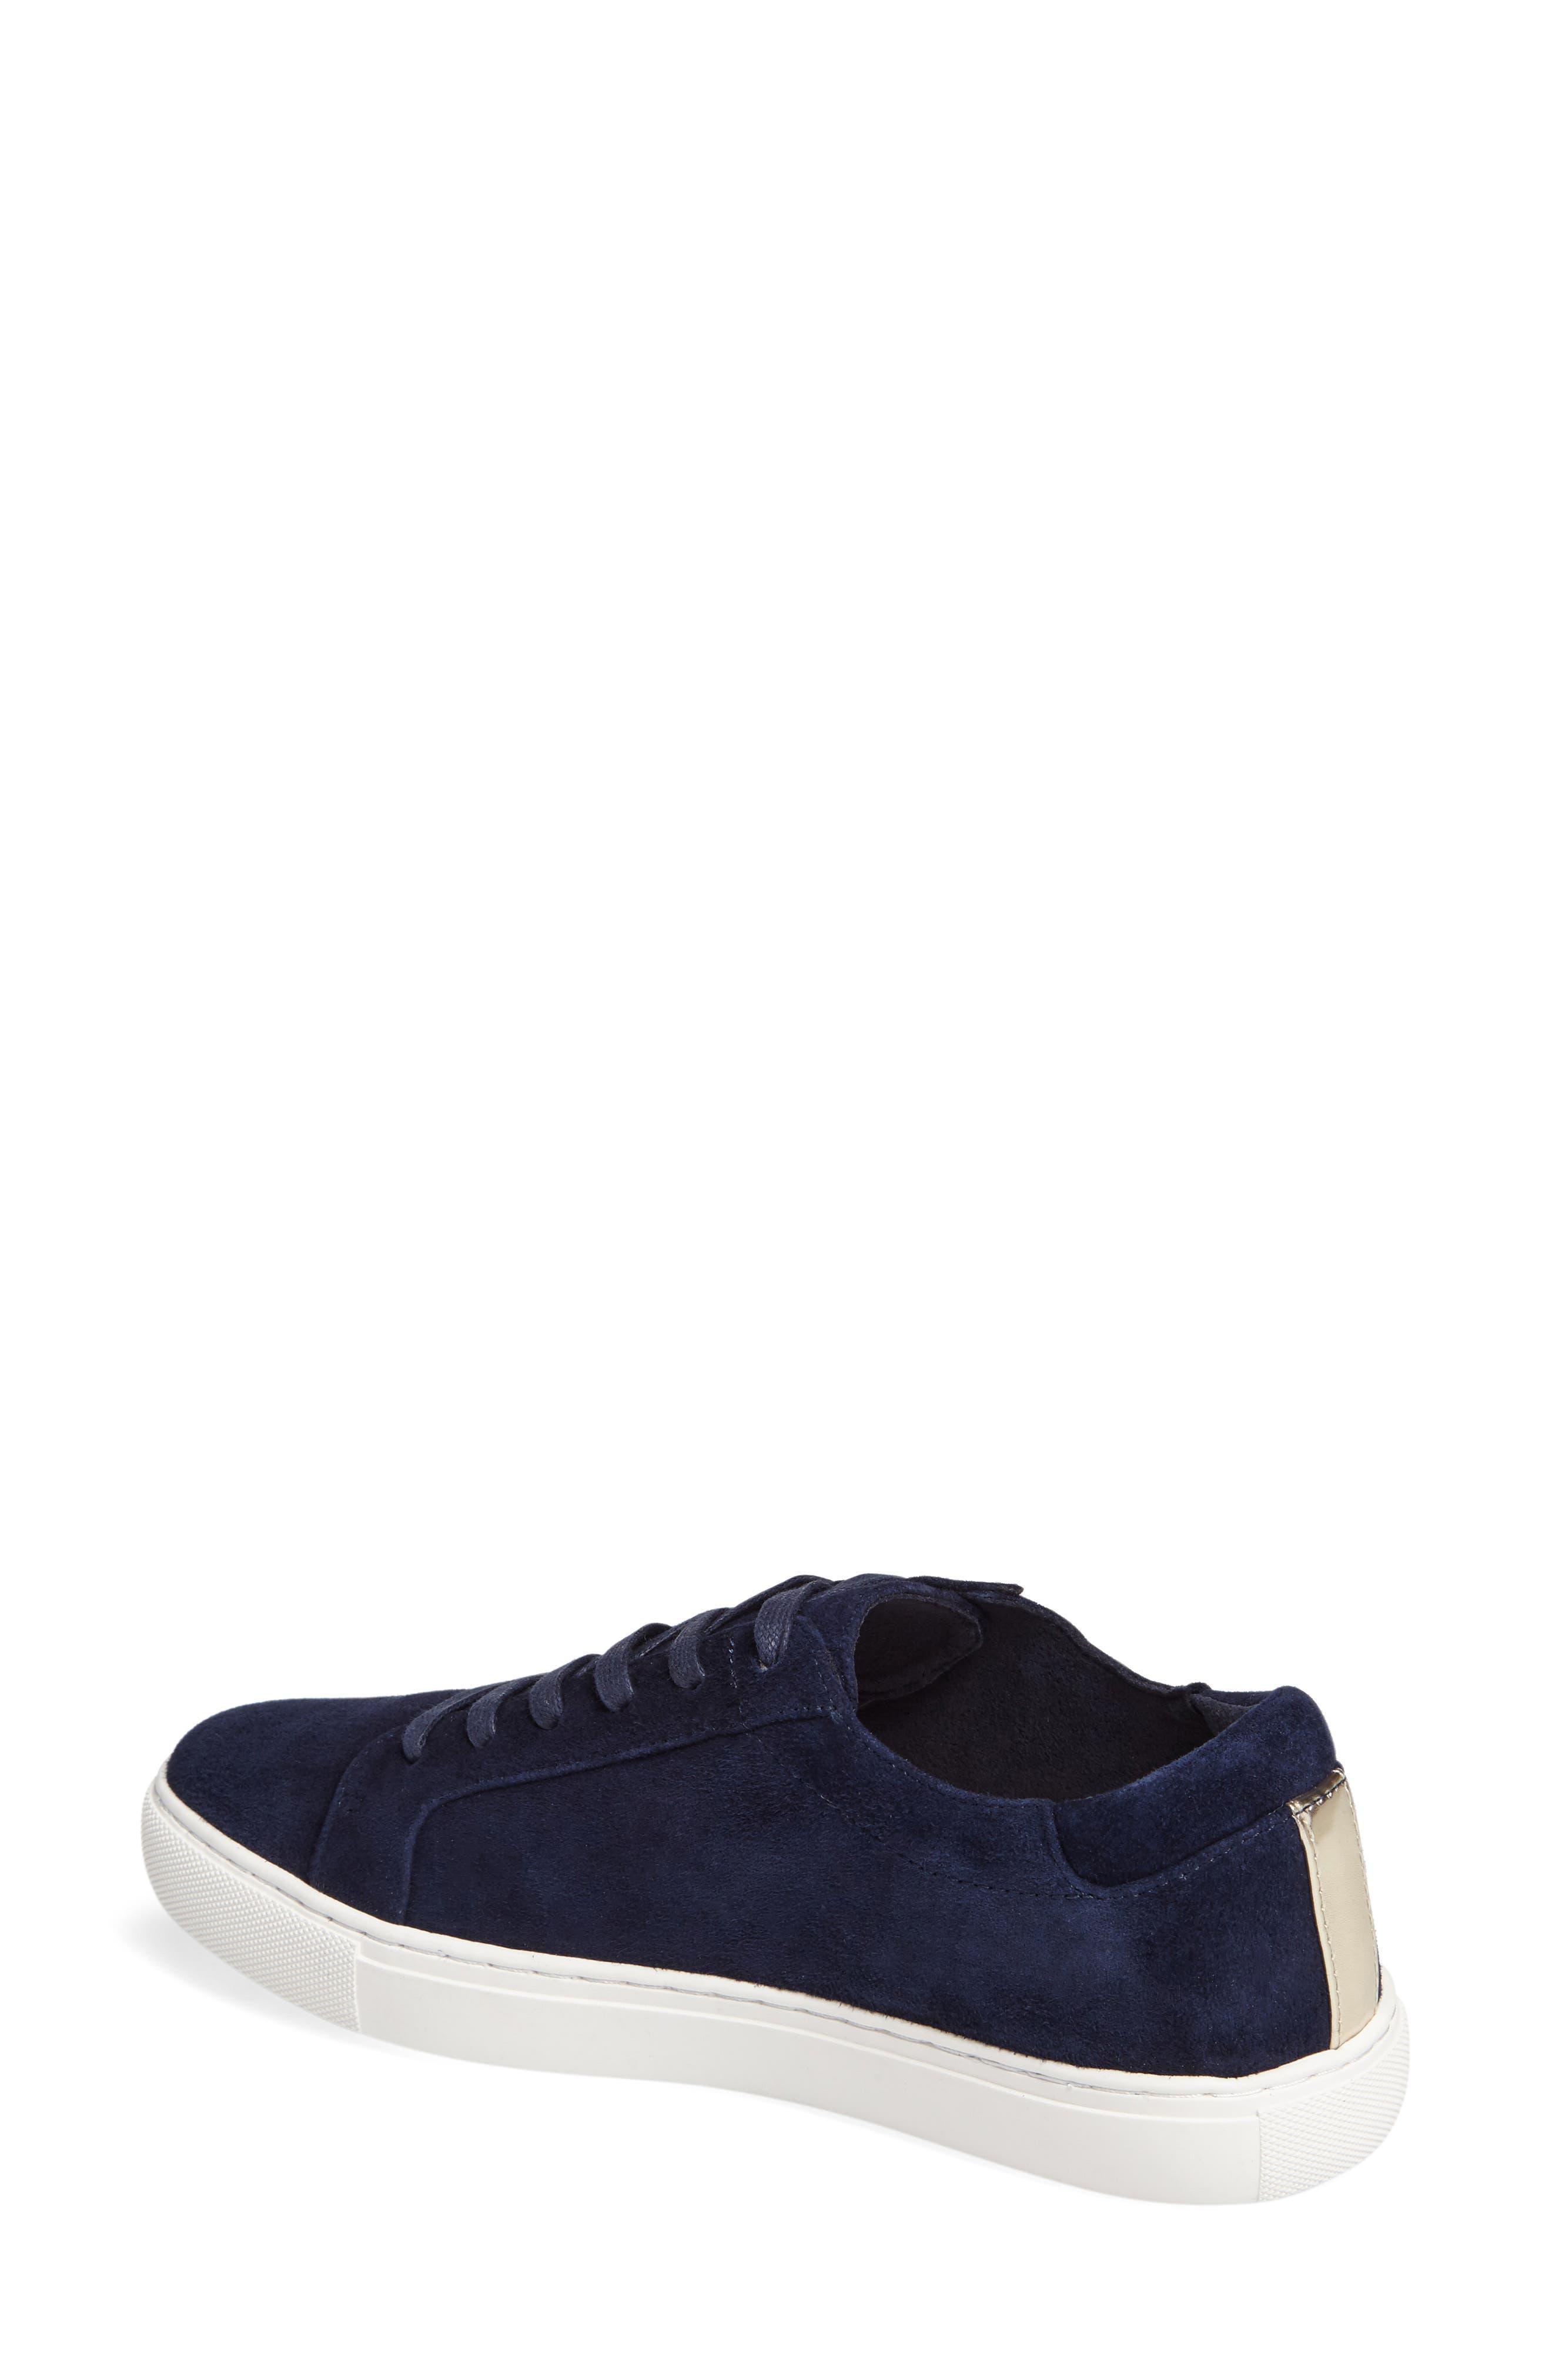 'Kam' Sneaker,                             Alternate thumbnail 80, color,